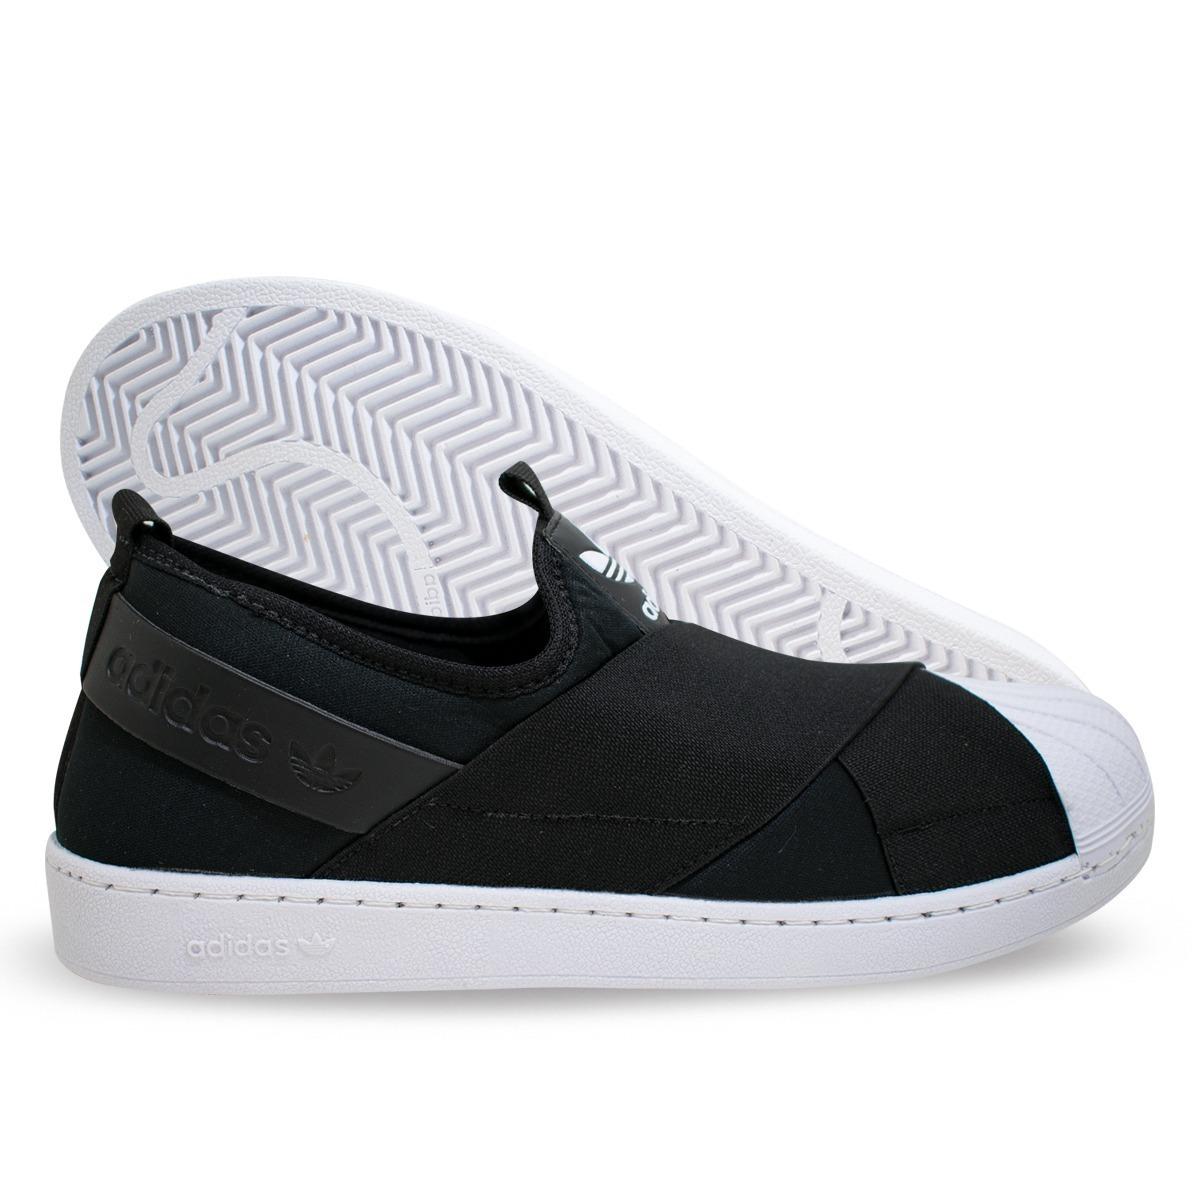 5b66499f46a tênis adidas superstar slip on todo preto elástico lançament. Carregando  zoom.